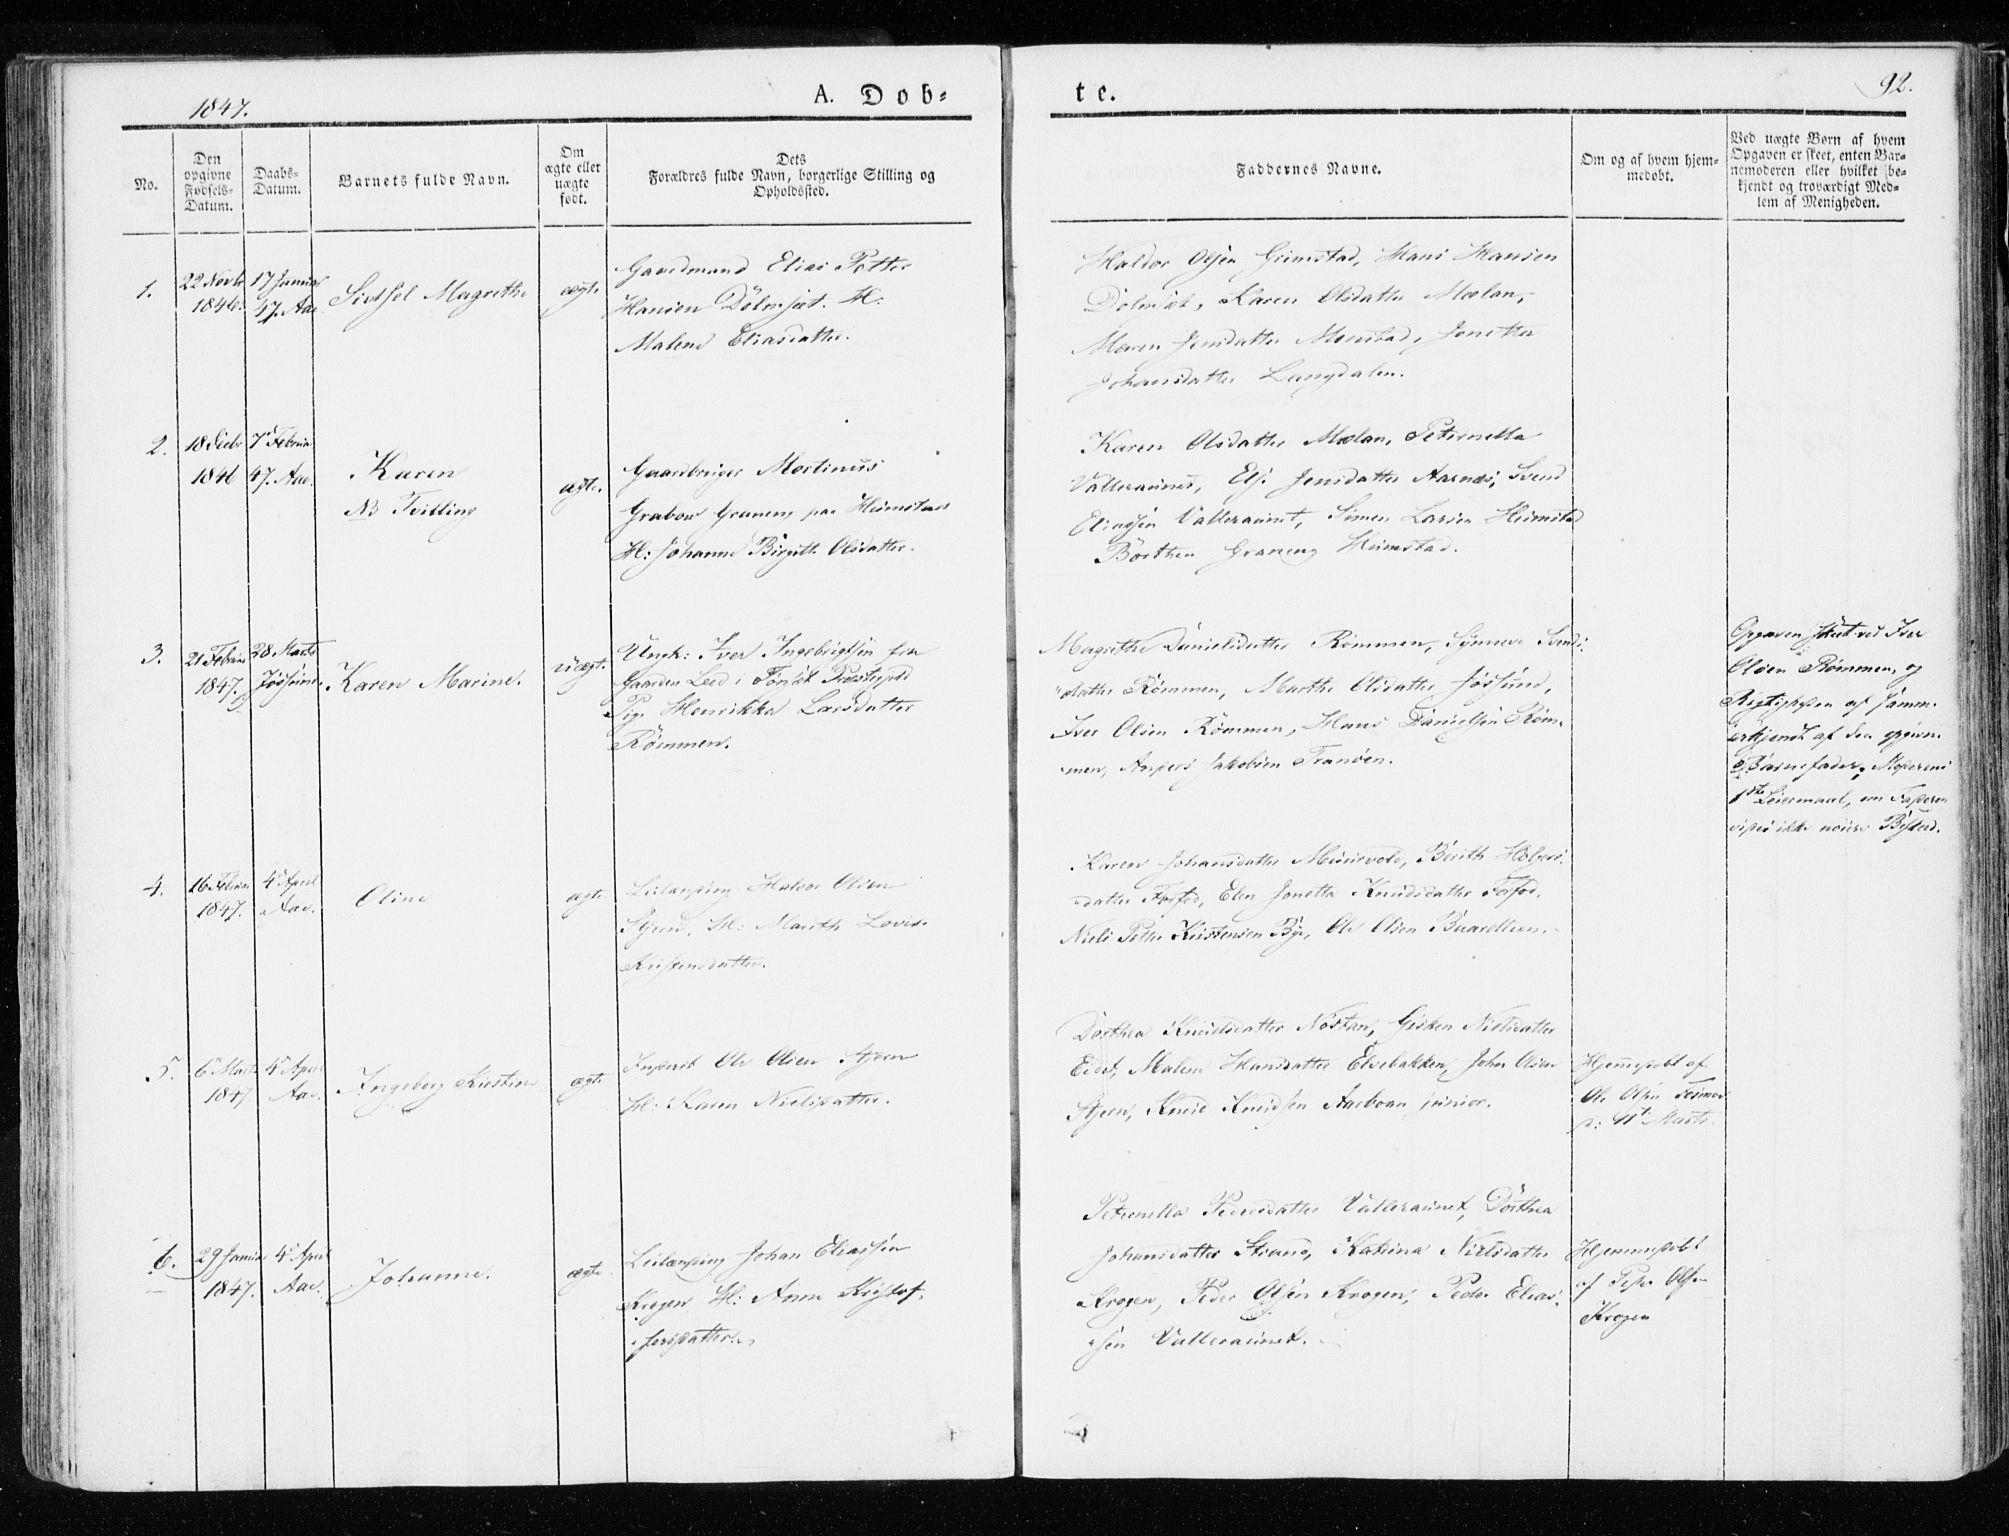 SAT, Ministerialprotokoller, klokkerbøker og fødselsregistre - Sør-Trøndelag, 655/L0676: Ministerialbok nr. 655A05, 1830-1847, s. 92